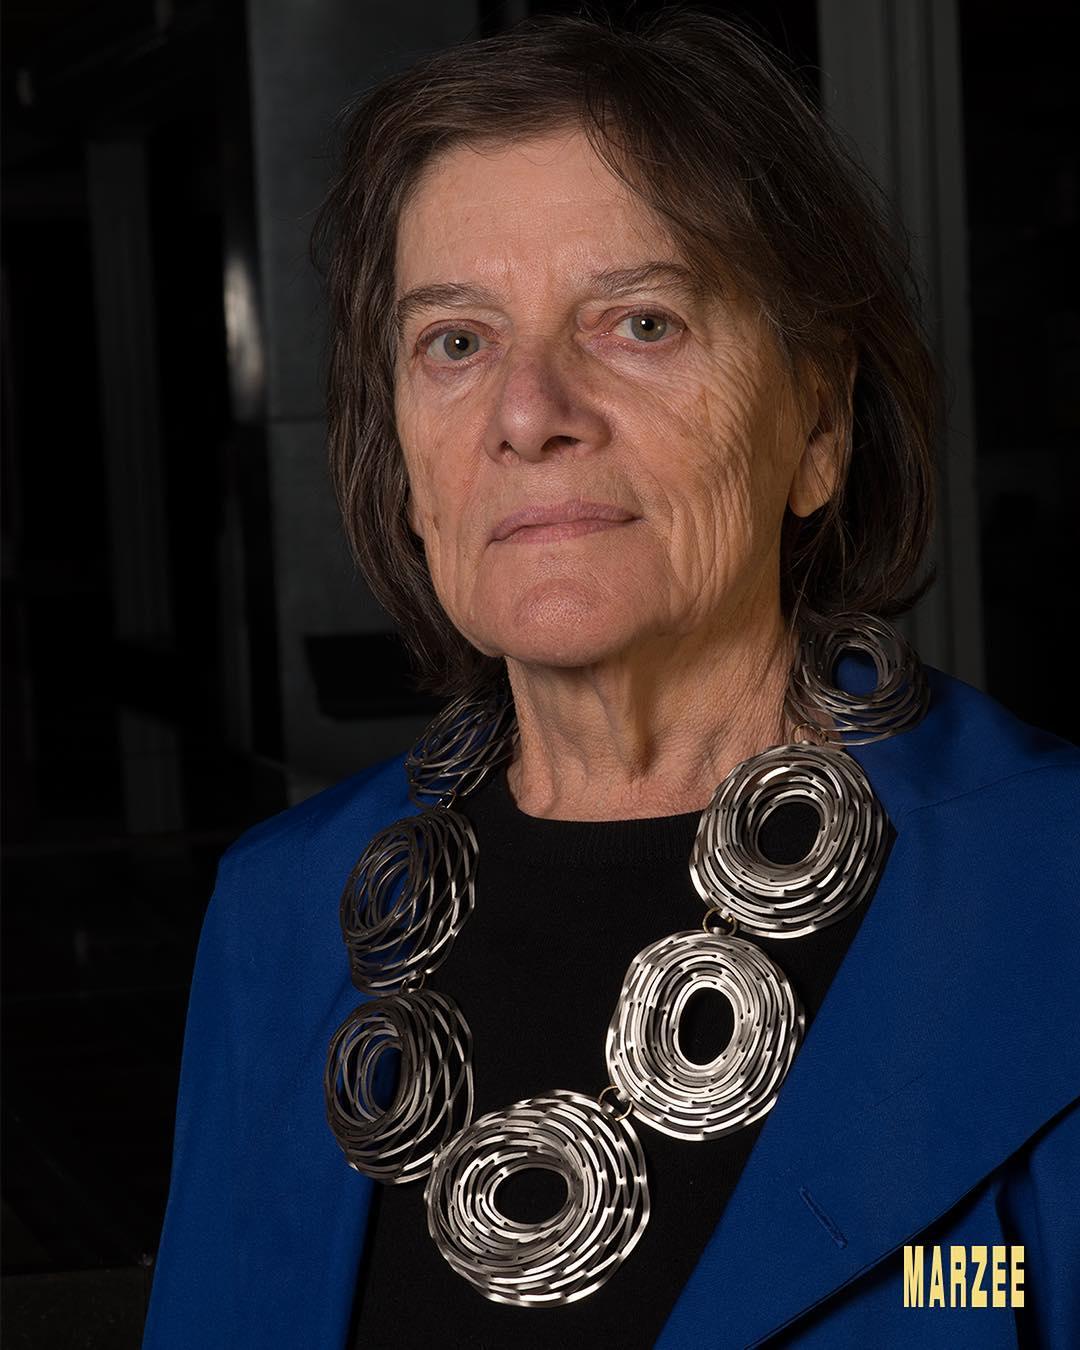 Marie-José van den Hout draagt Antje Bräuer, november 2018. Foto met dank aan Galerie Marzee/Michiel Heffels©